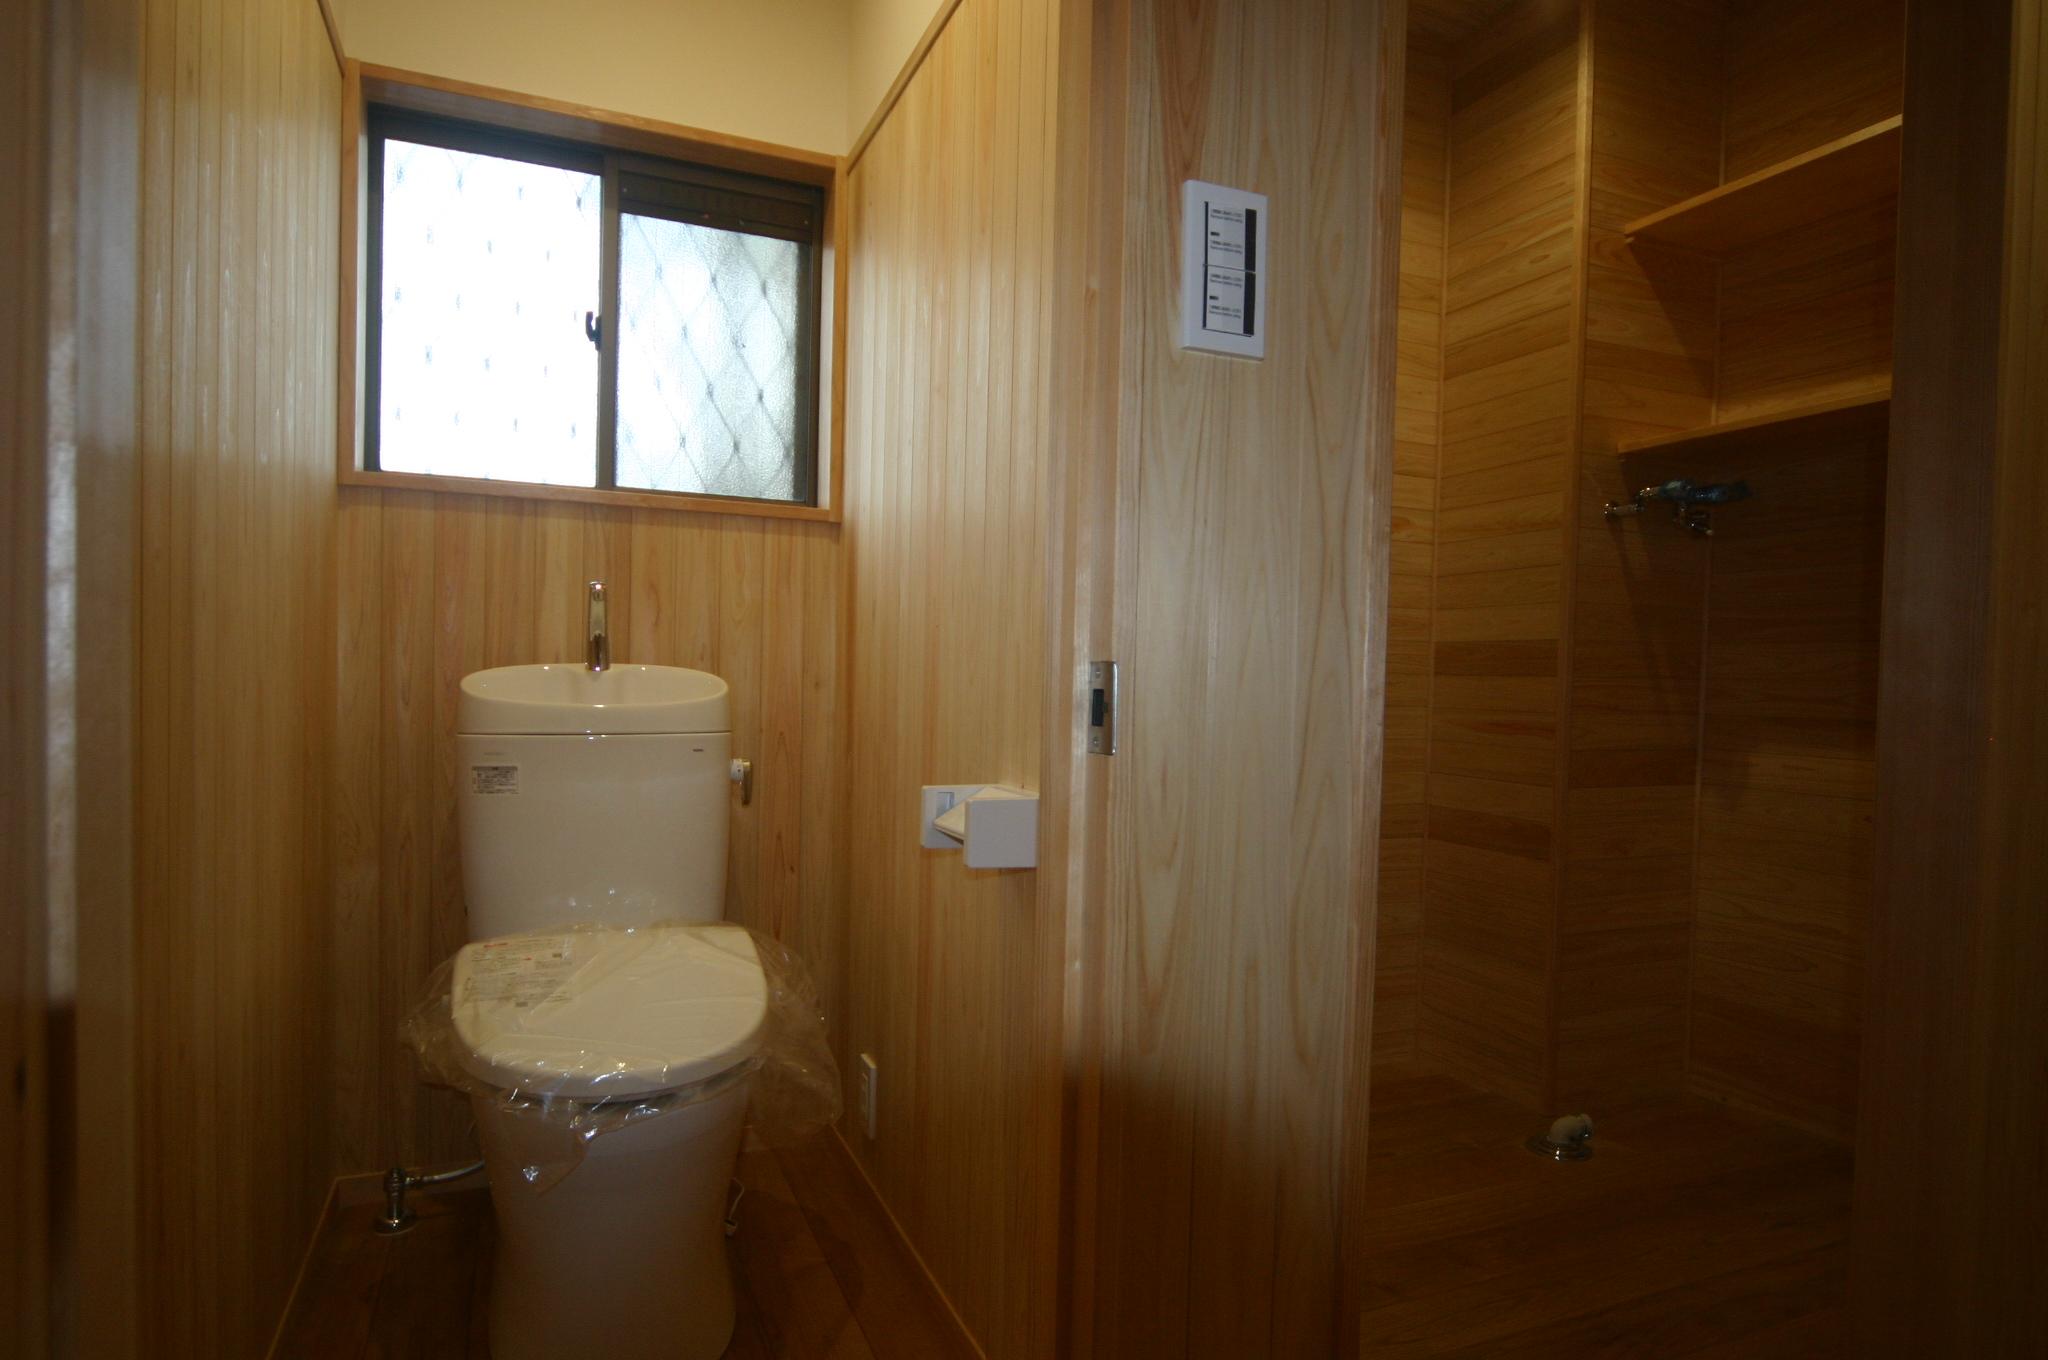 トイレの床も湿気で臭いが染みついていたので全撤去